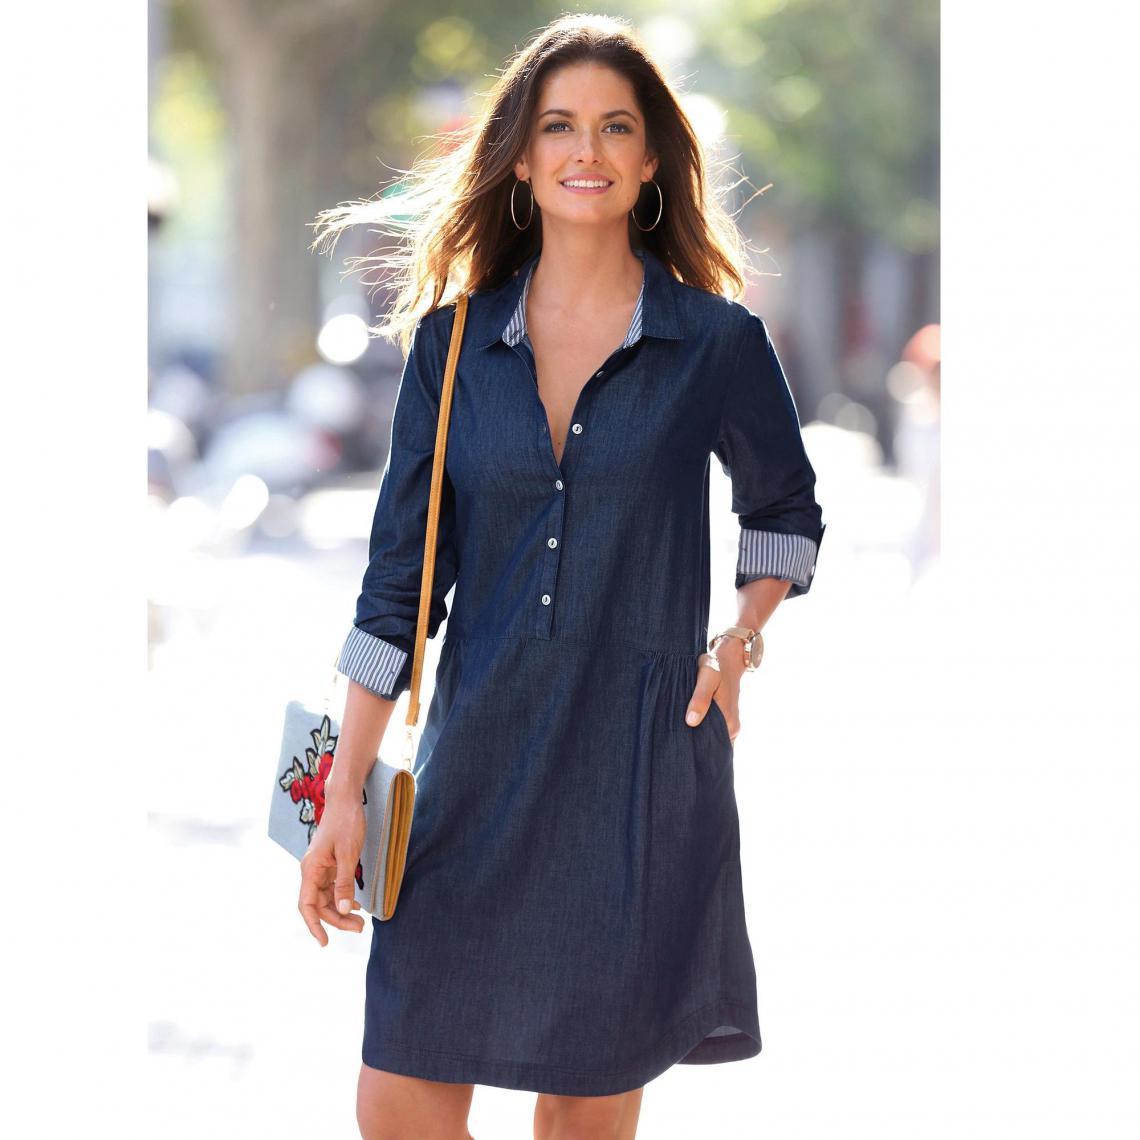 a272faa7e12 Robe en jean manches longues col chemise femme - bleu foncé 3 SUISSES Femme